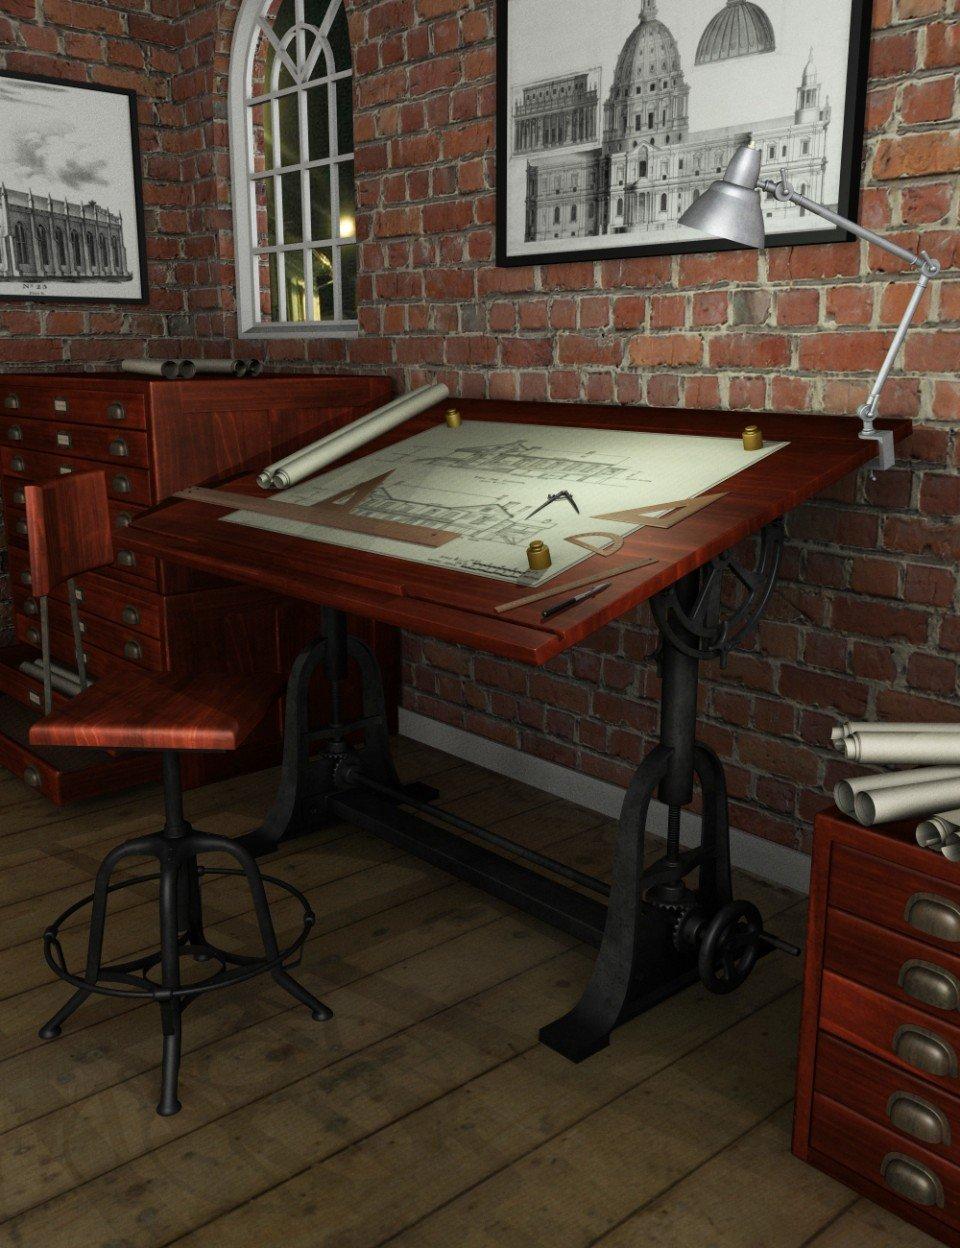 Antique Architect Equipment_DAZ3D下载站